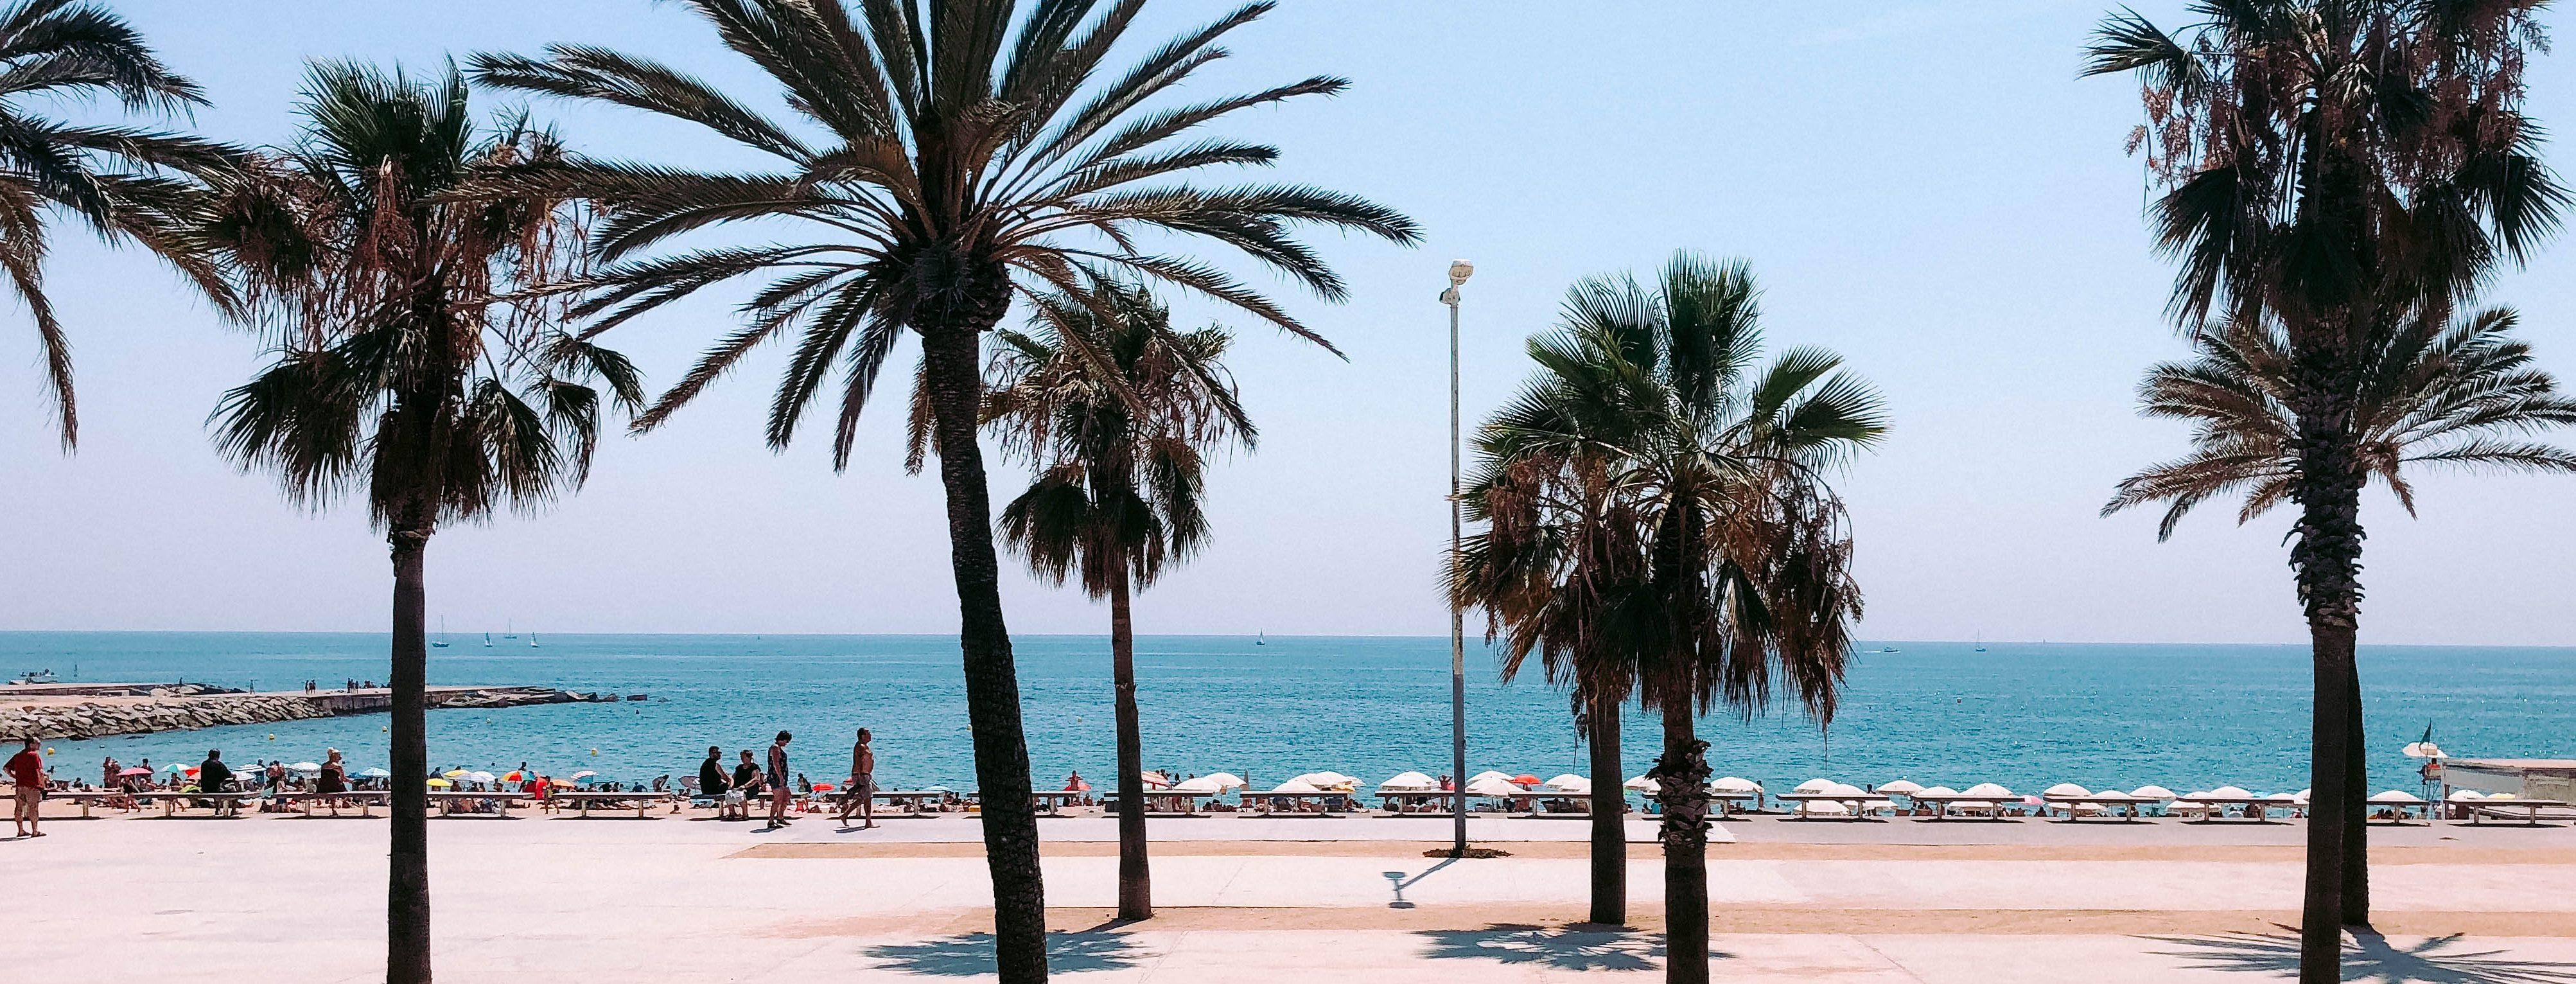 9 + 1 playas de Barcelona para bañarse en el Mediterráneo